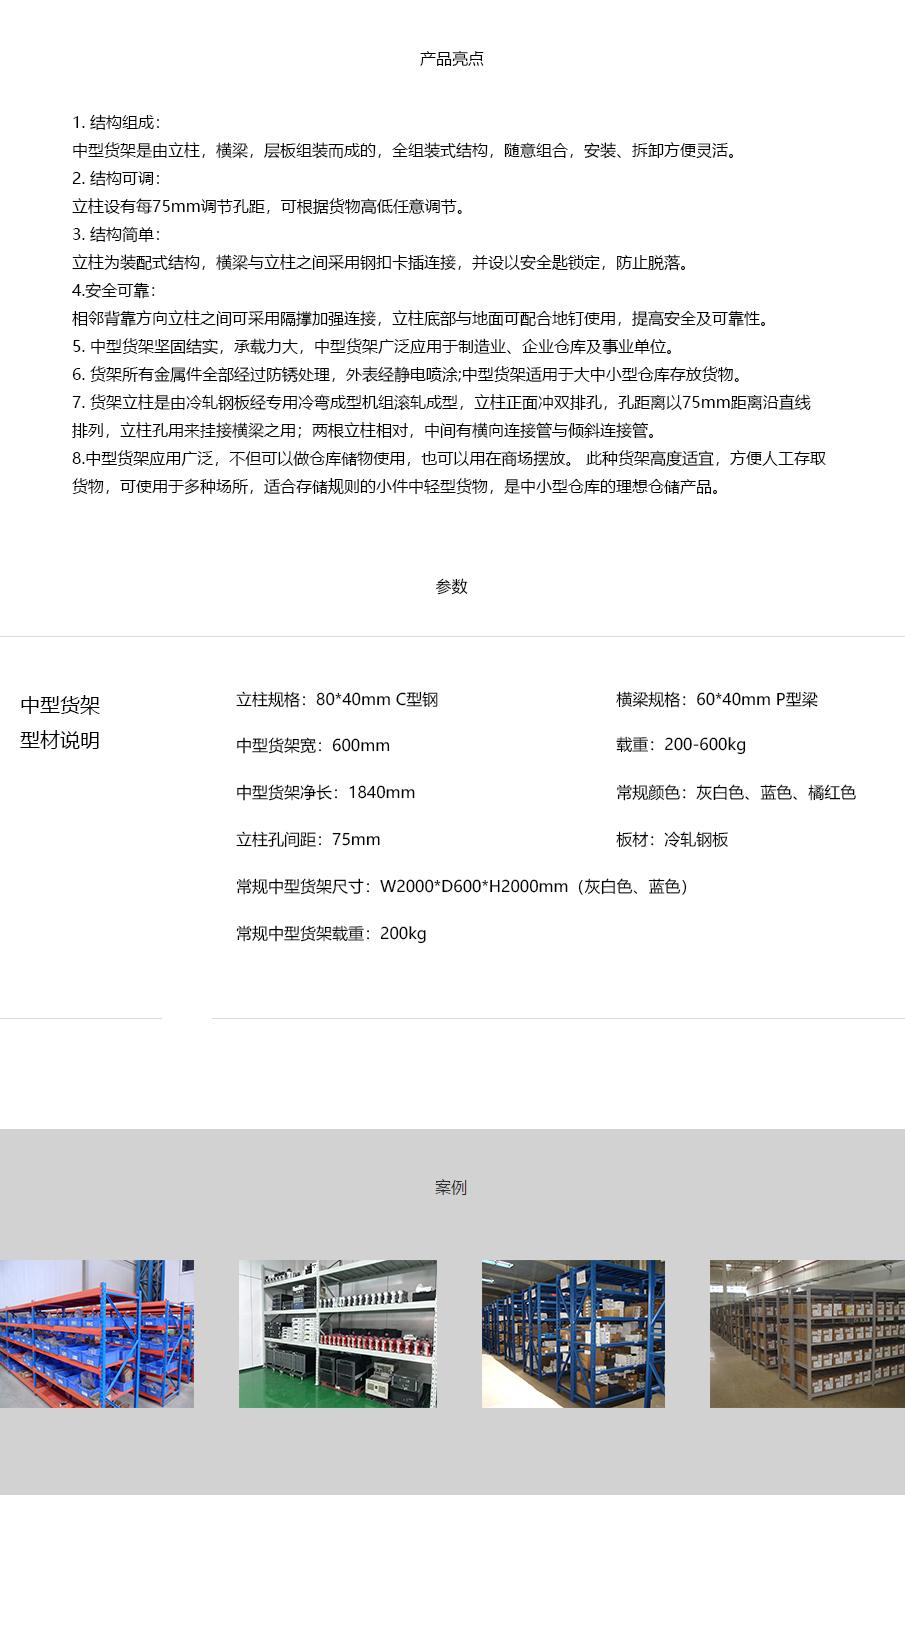 zhongxinghuojia2.png